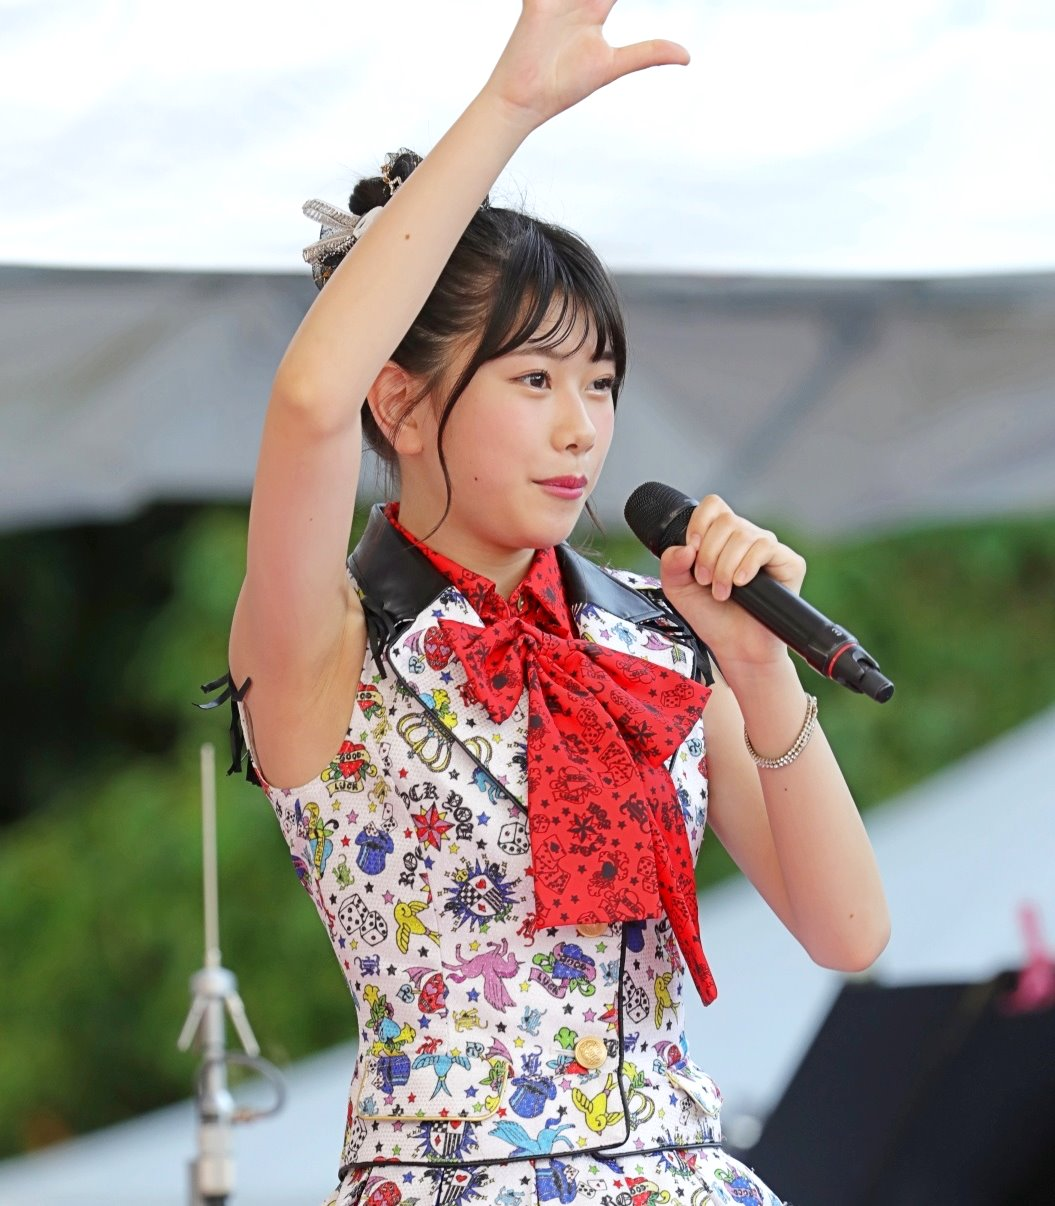 AKB48フレッシュ選抜メンバーの腋見せライブ (8)